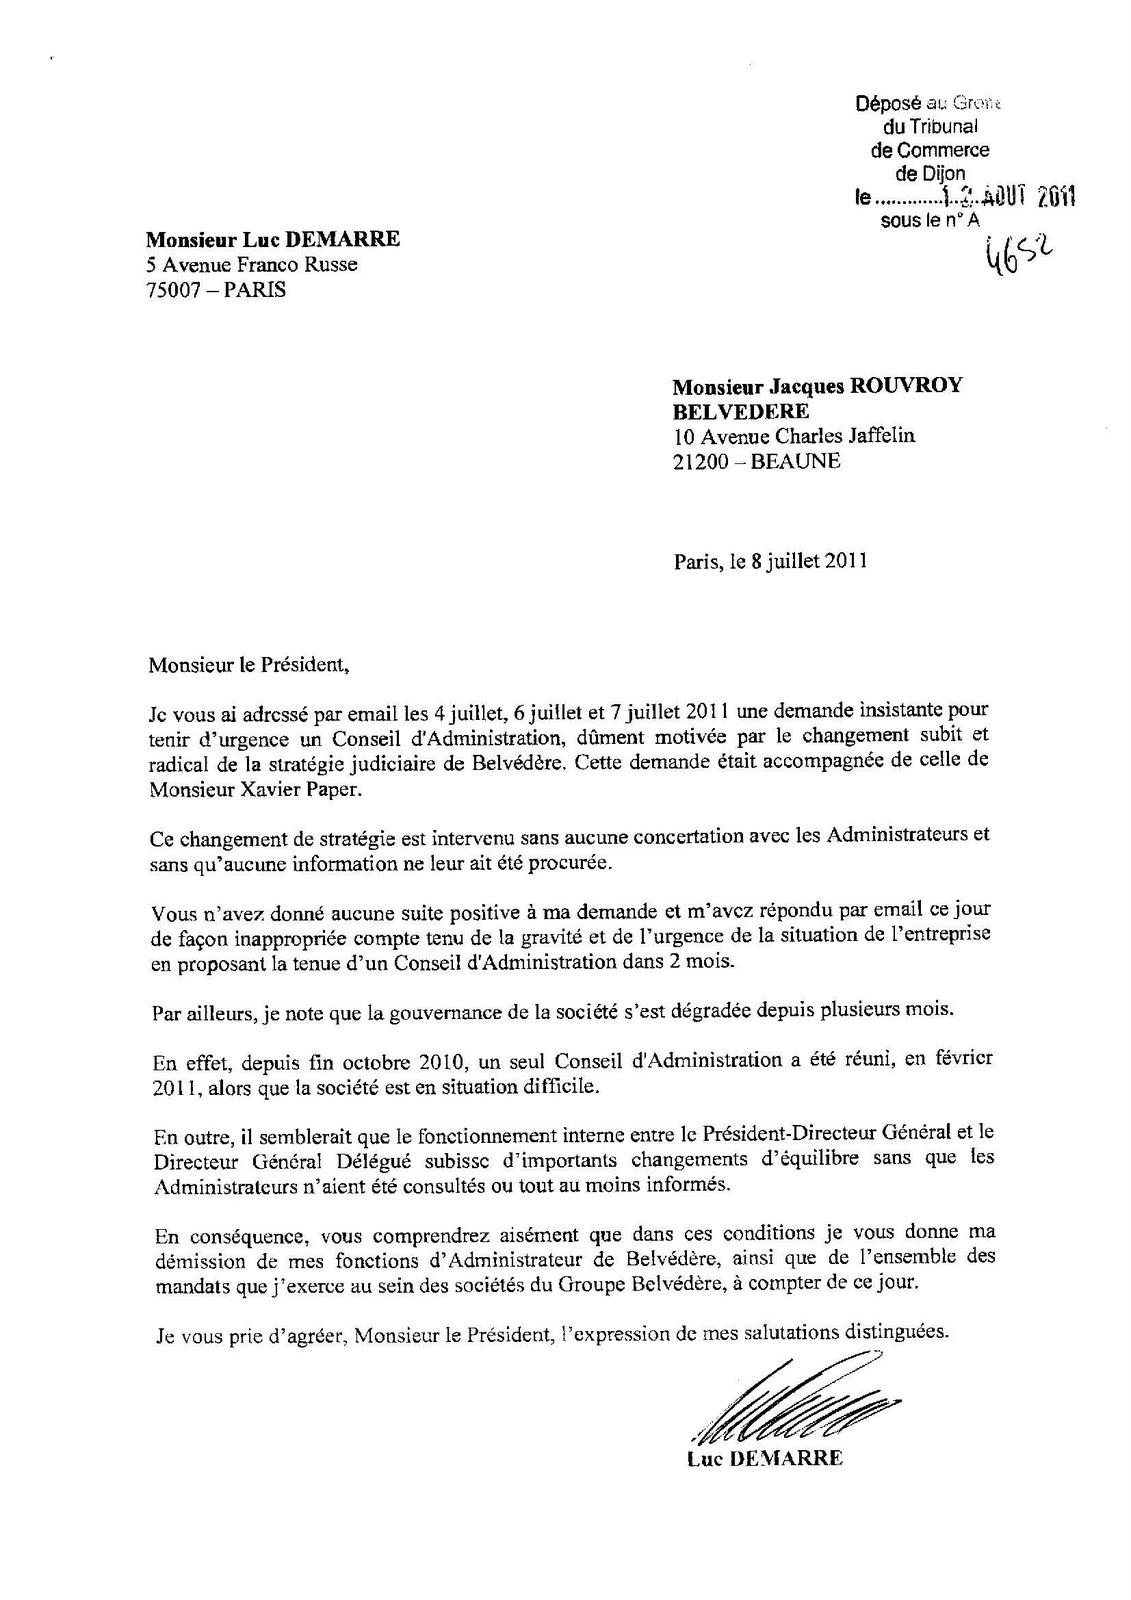 Modele lettre de demission president sas document online - Reglement interieur copropriete exemple ...